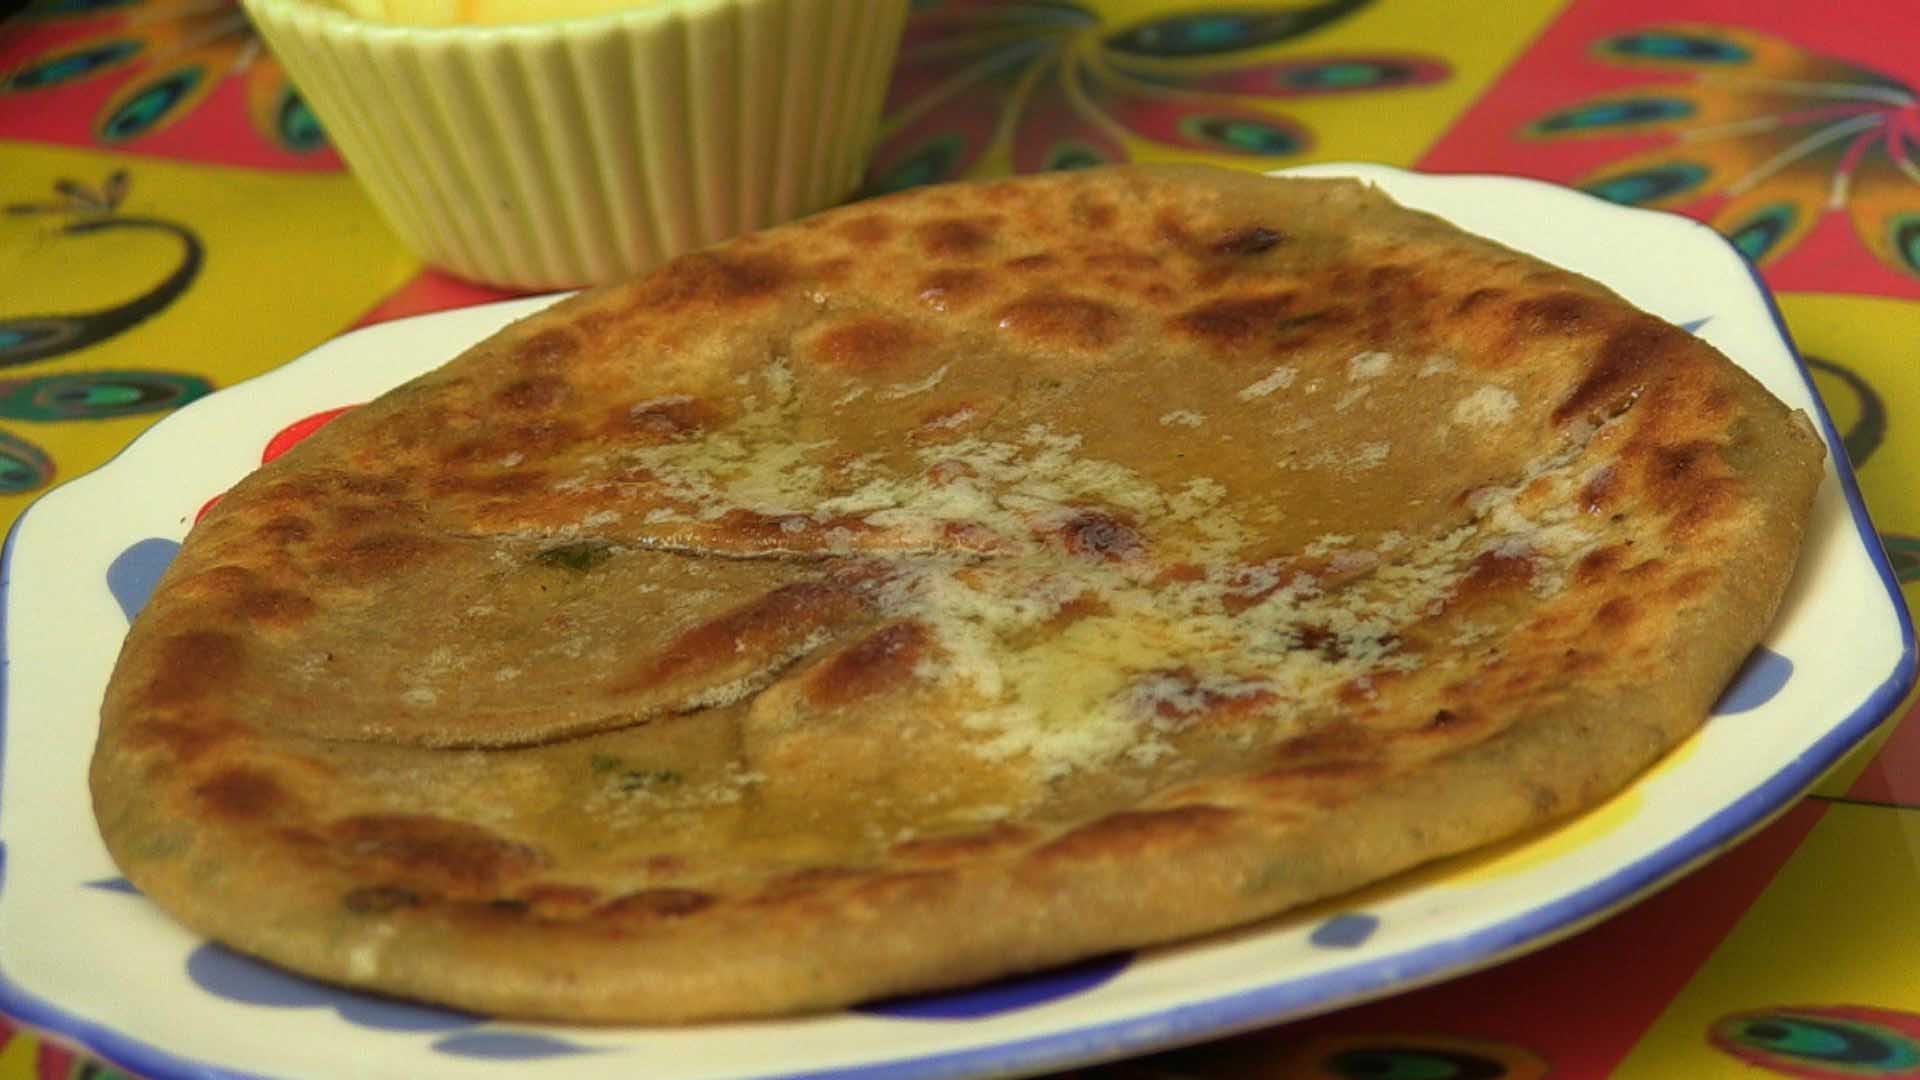 Sunday Breakfast Treat: Cheese Parathas